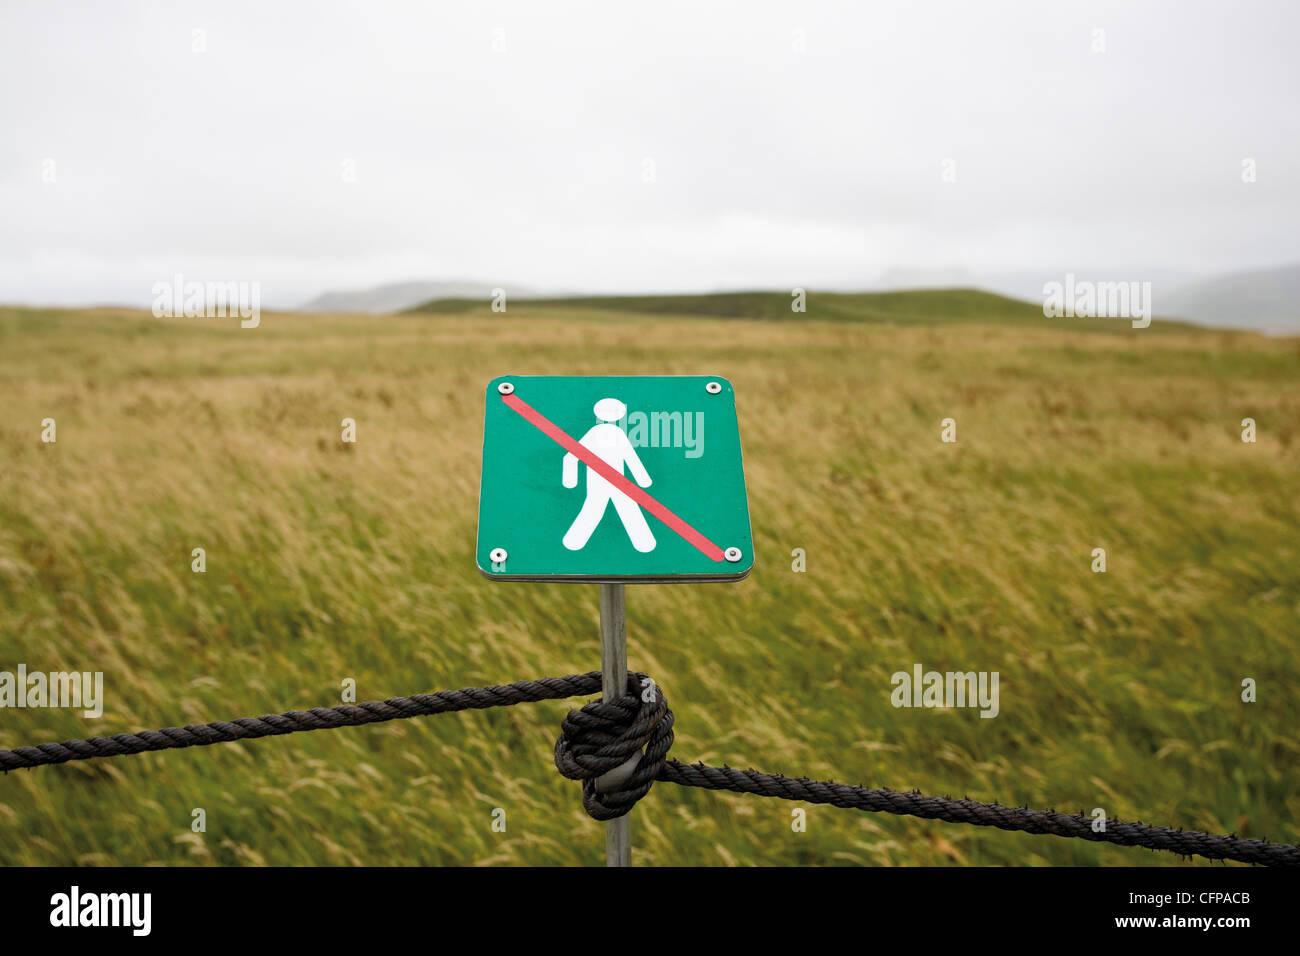 Kein Fuß ausgeschildert für den Umweltschutz in der Natur zu reservieren, Dyrh ? Laey Halbinsel, Island Stockbild